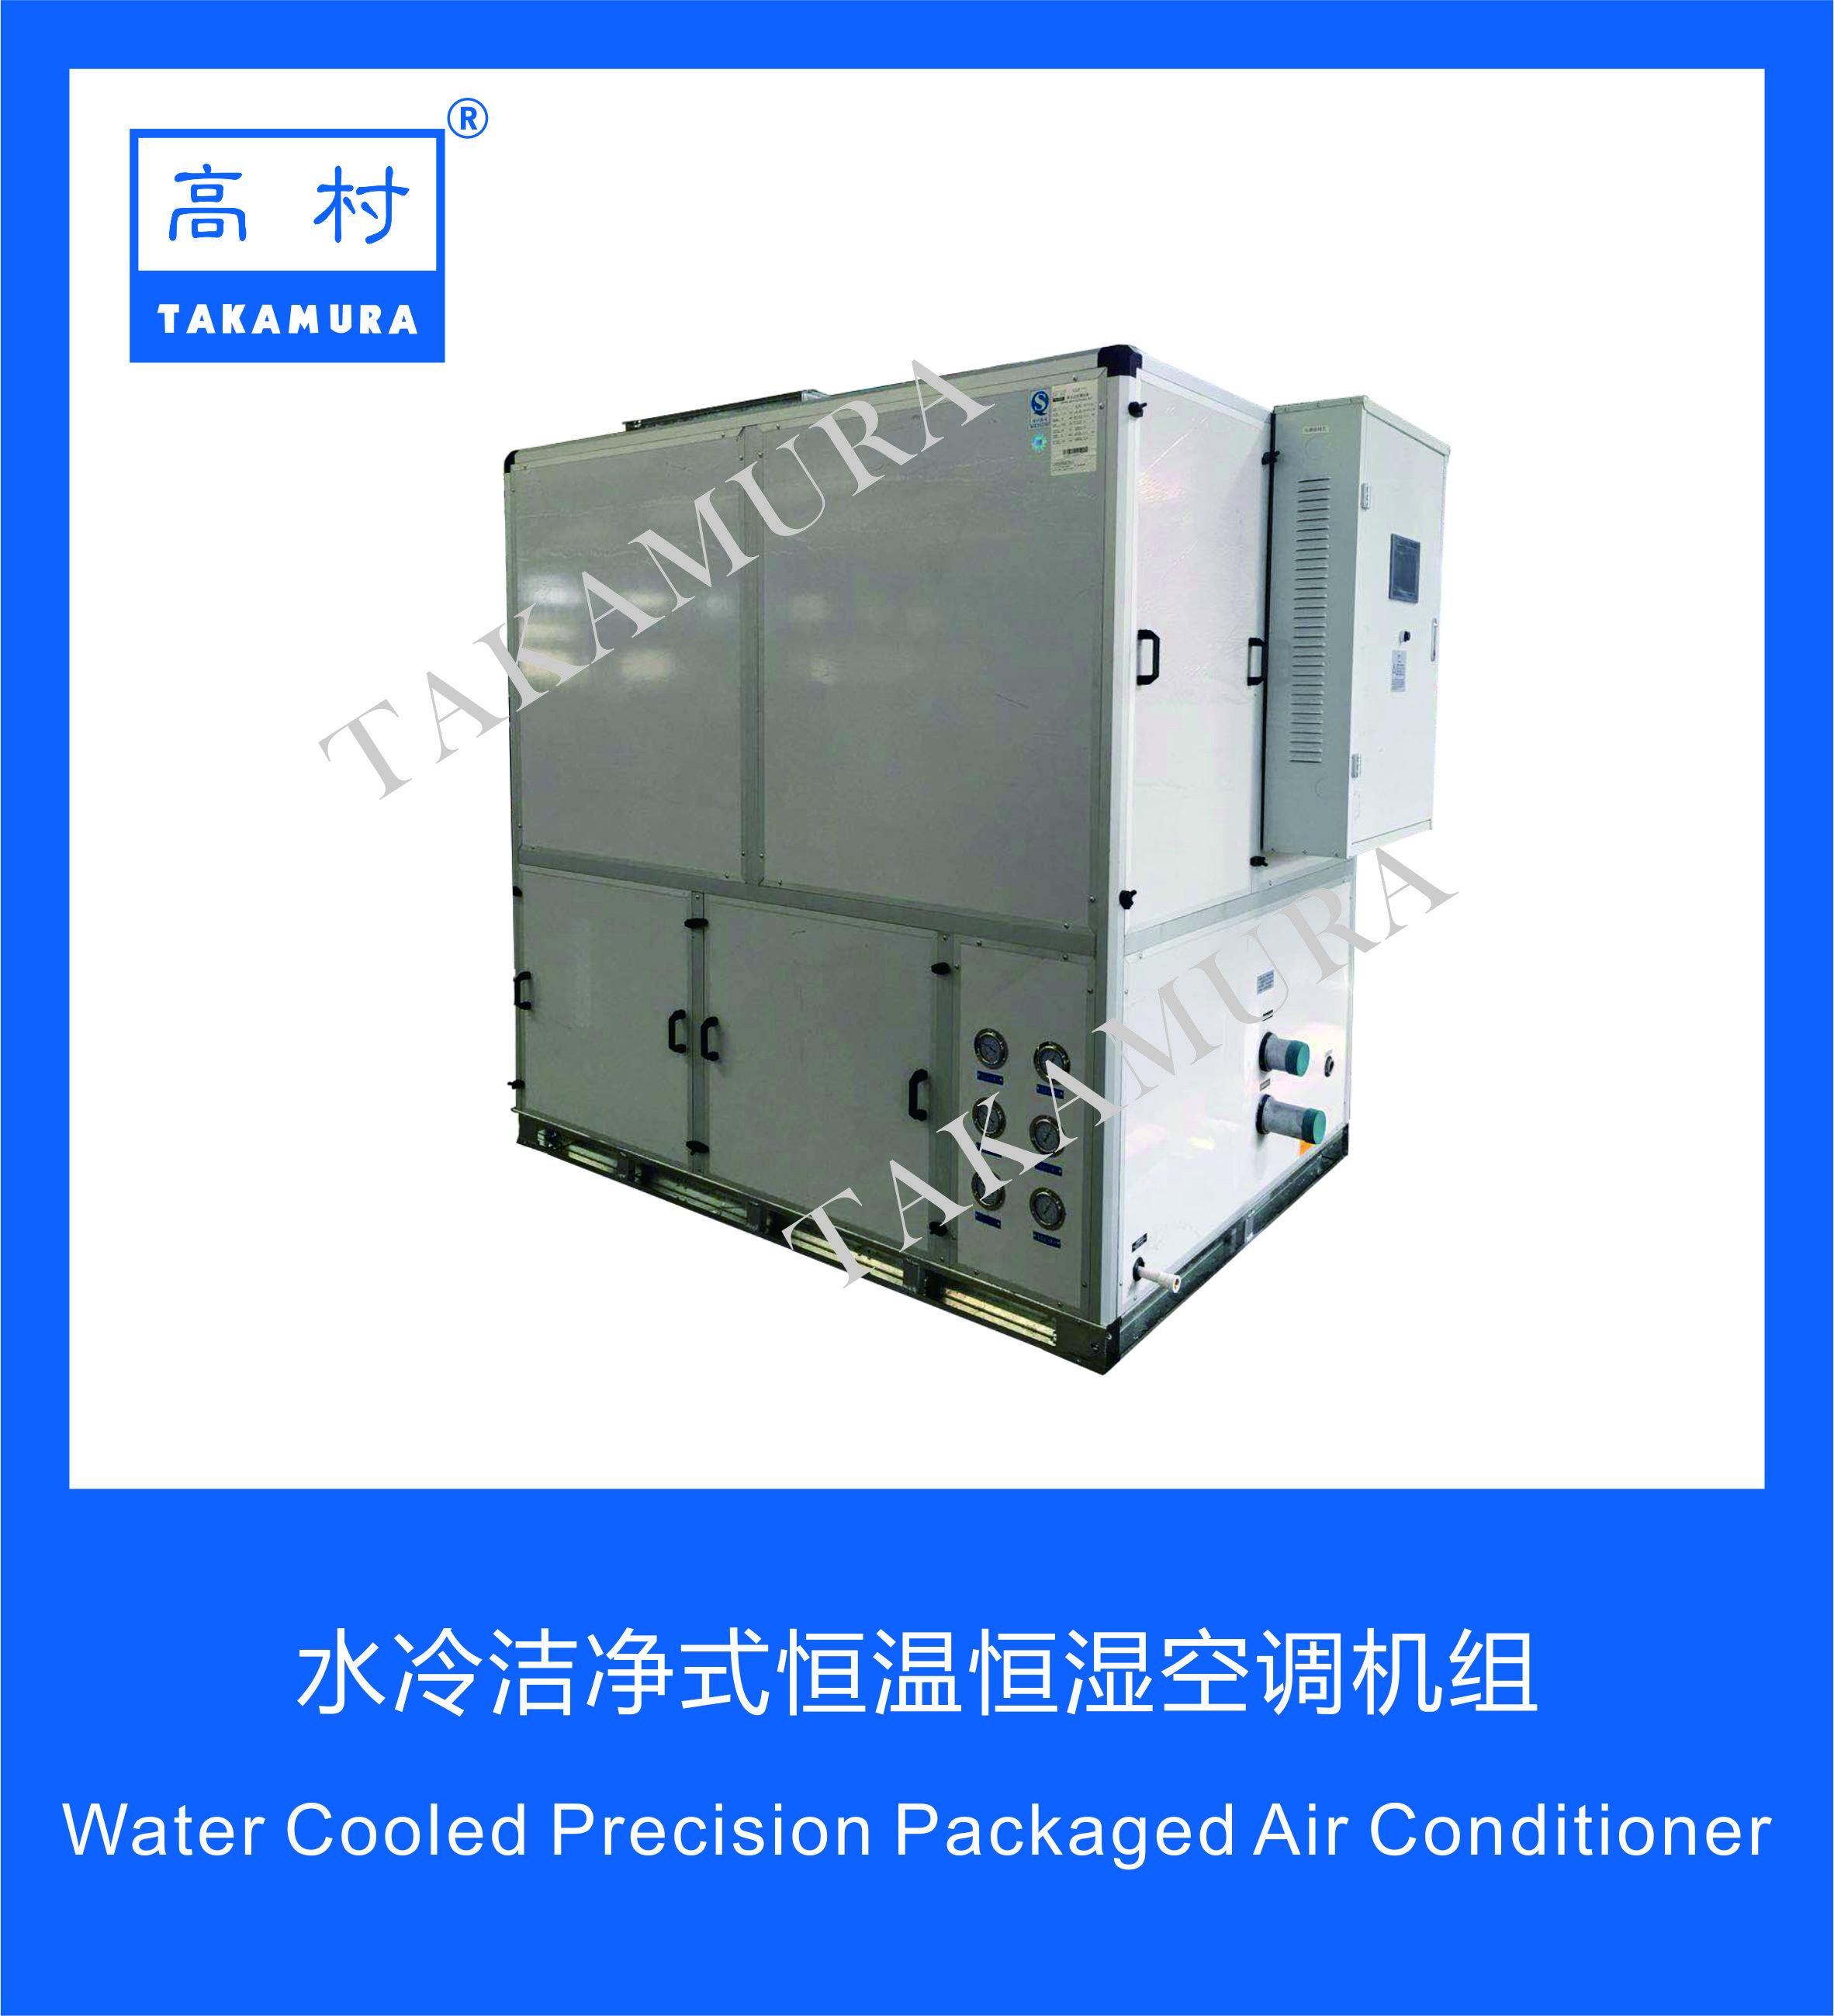 水冷洁净式恒温恒湿空调机组